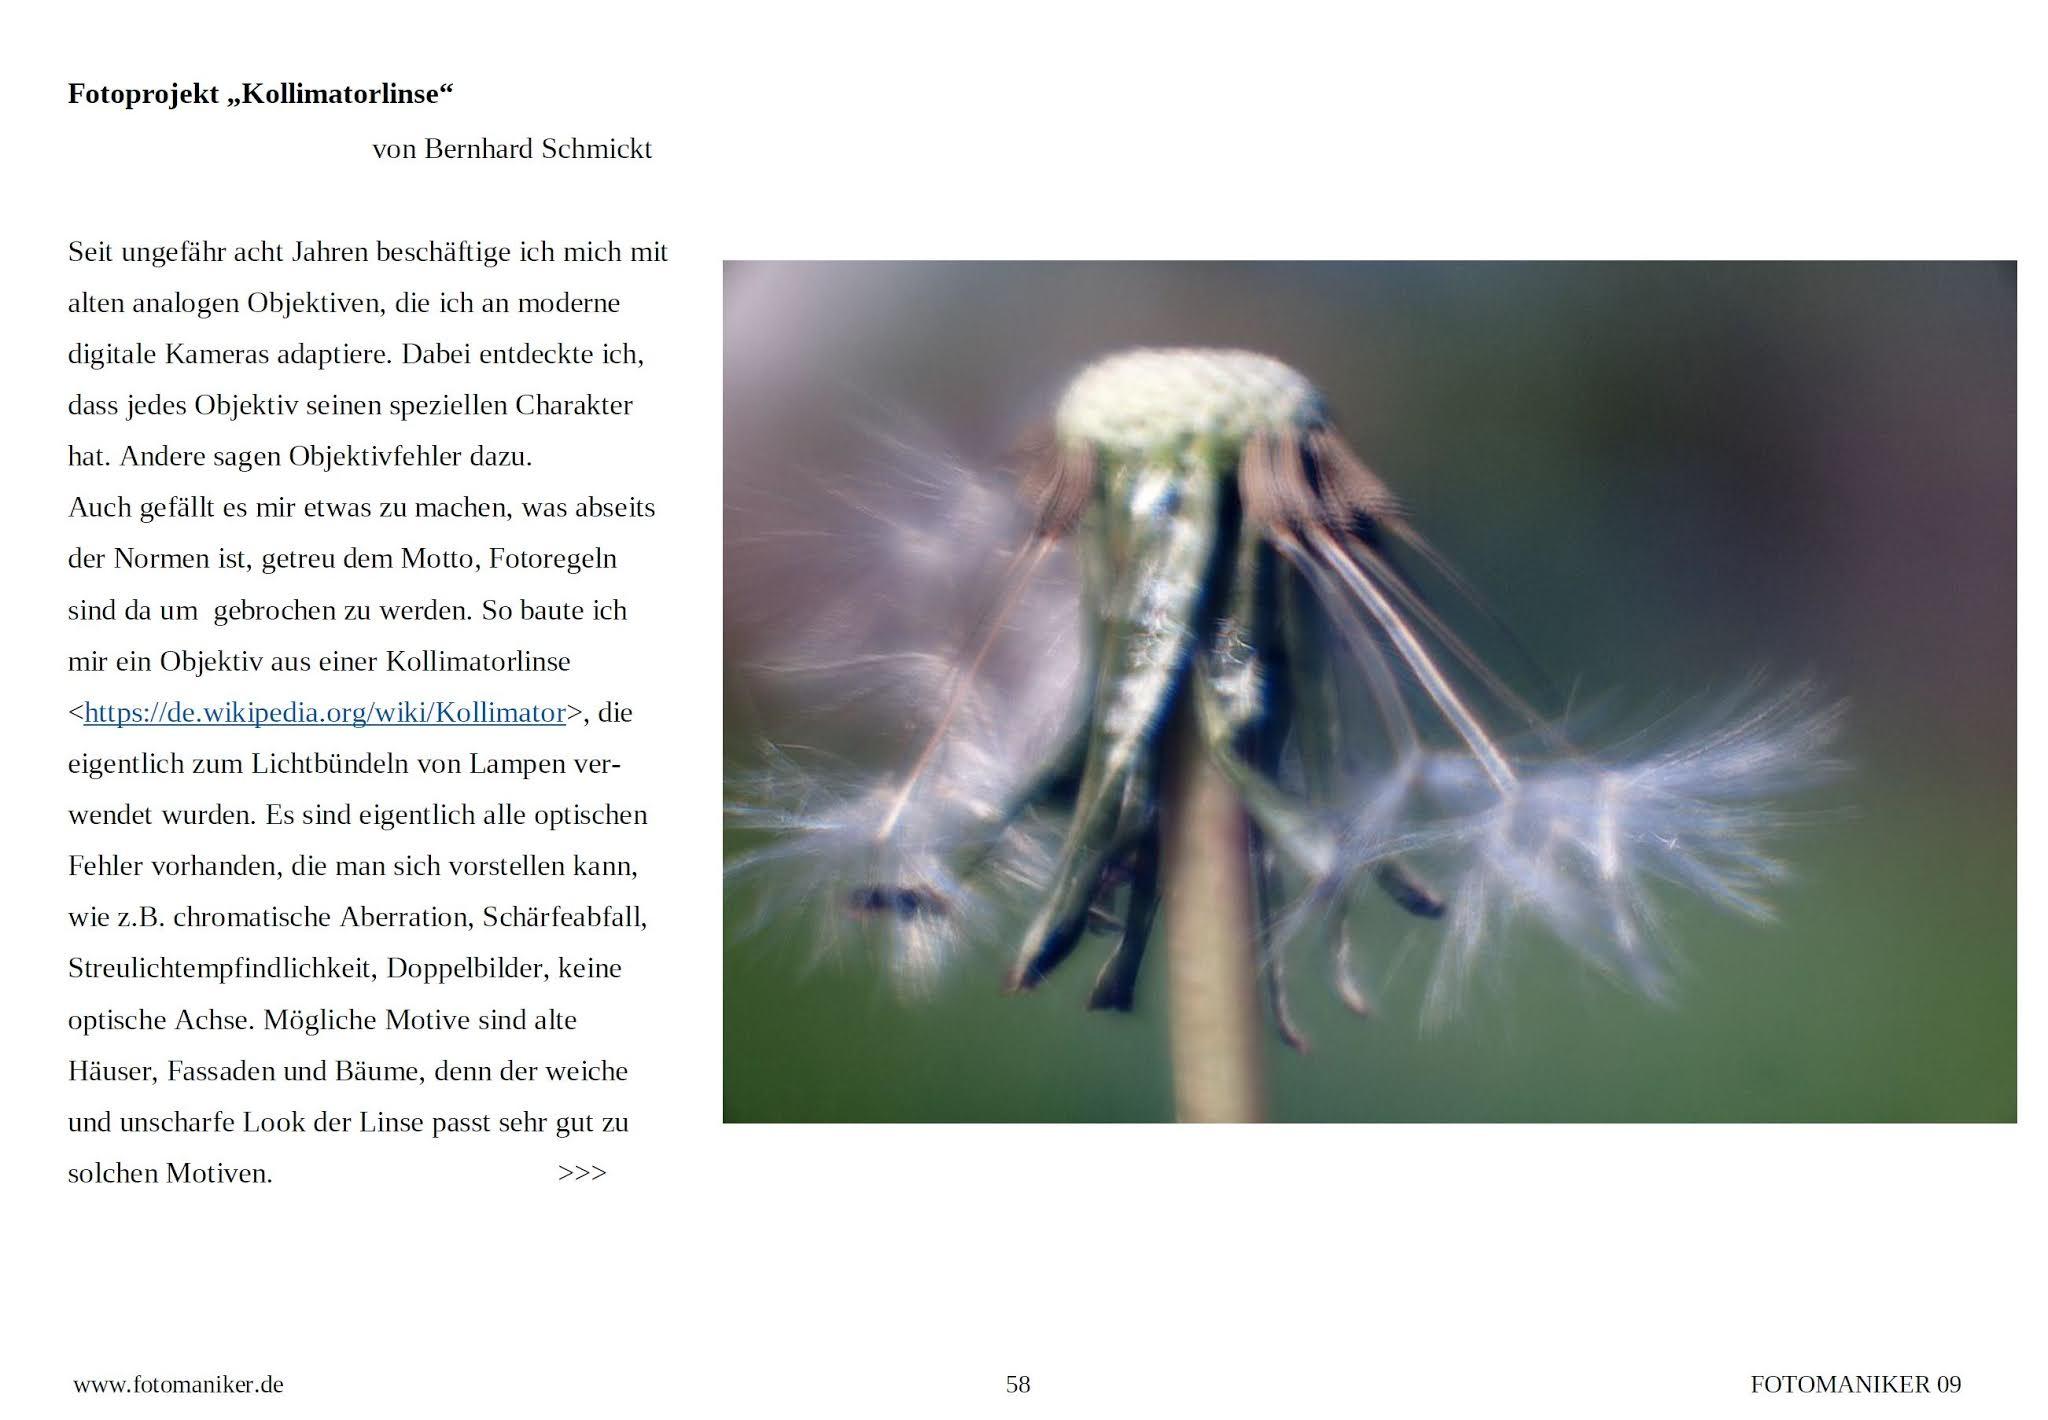 Glückspilz #4 — Der Kollimator hat es in eine Onlinezeitschrift geschafft